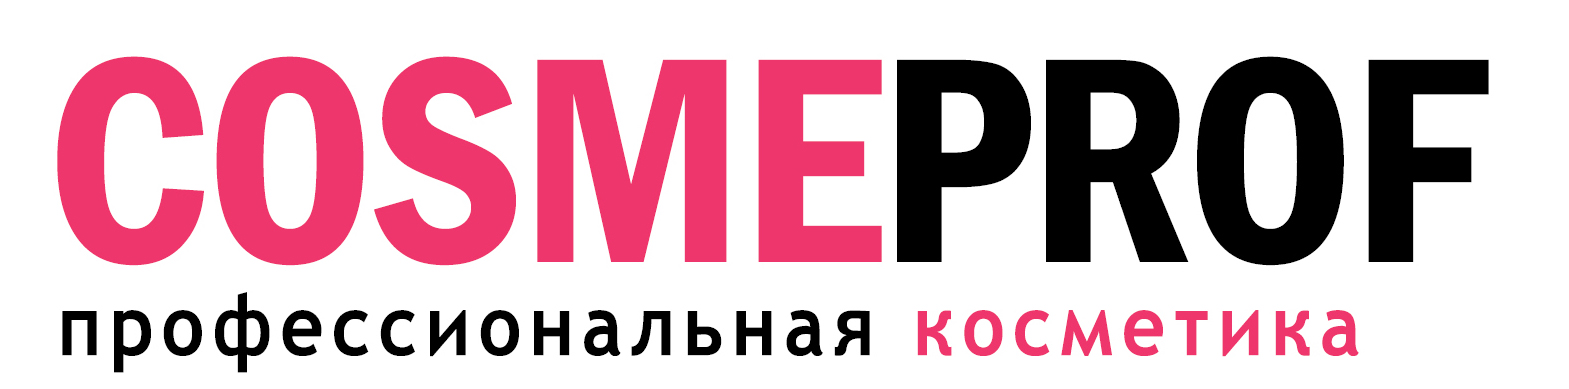 Cosmeprof.ru Профессиональная косметика и аксессуары